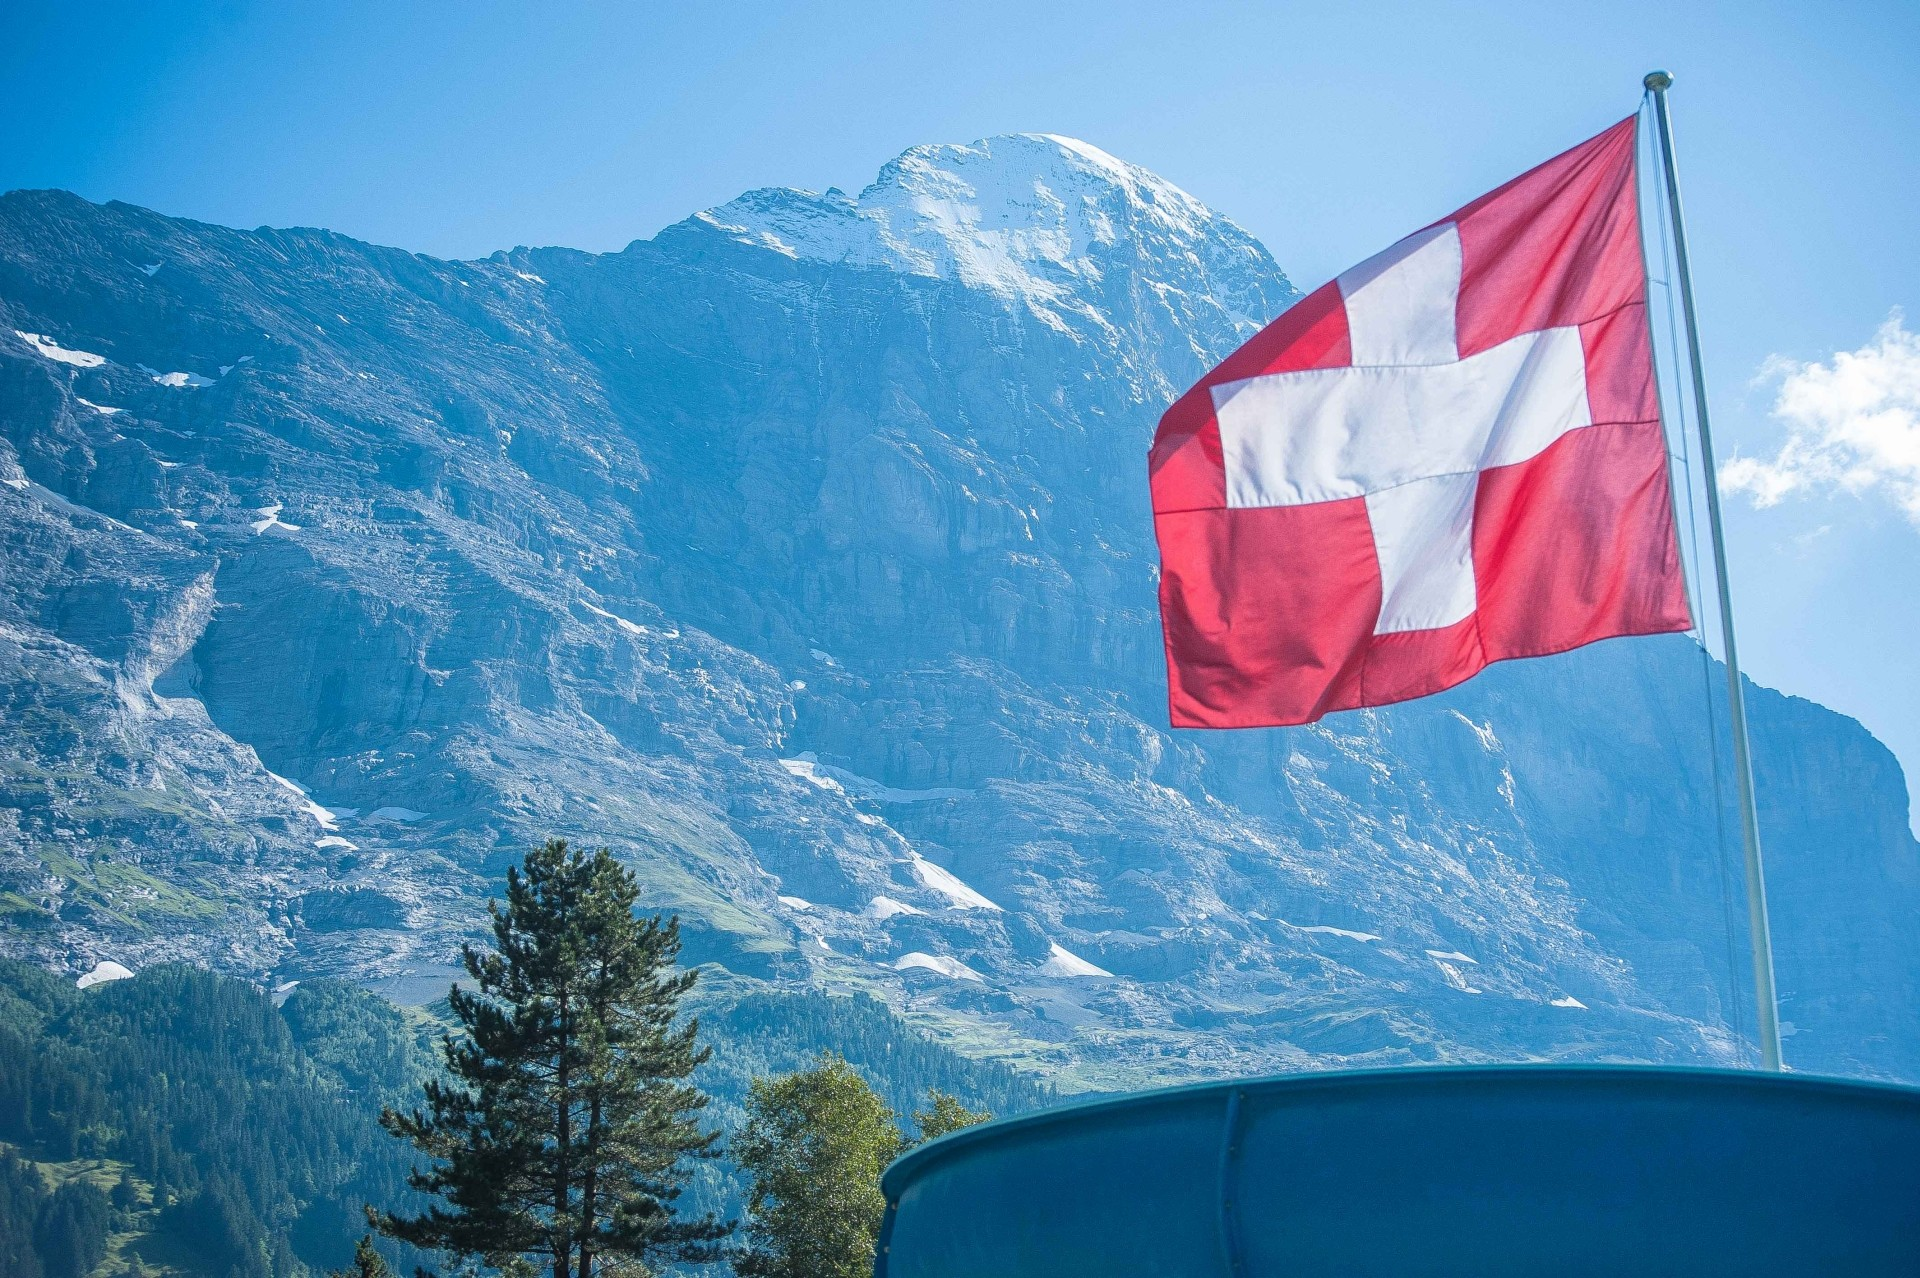 mysmallhouse de wohnwagen camper reisen camping schweiz freizeit aktivitäten schwimmen freibad lauterbrunnen schwimmen baden eiger